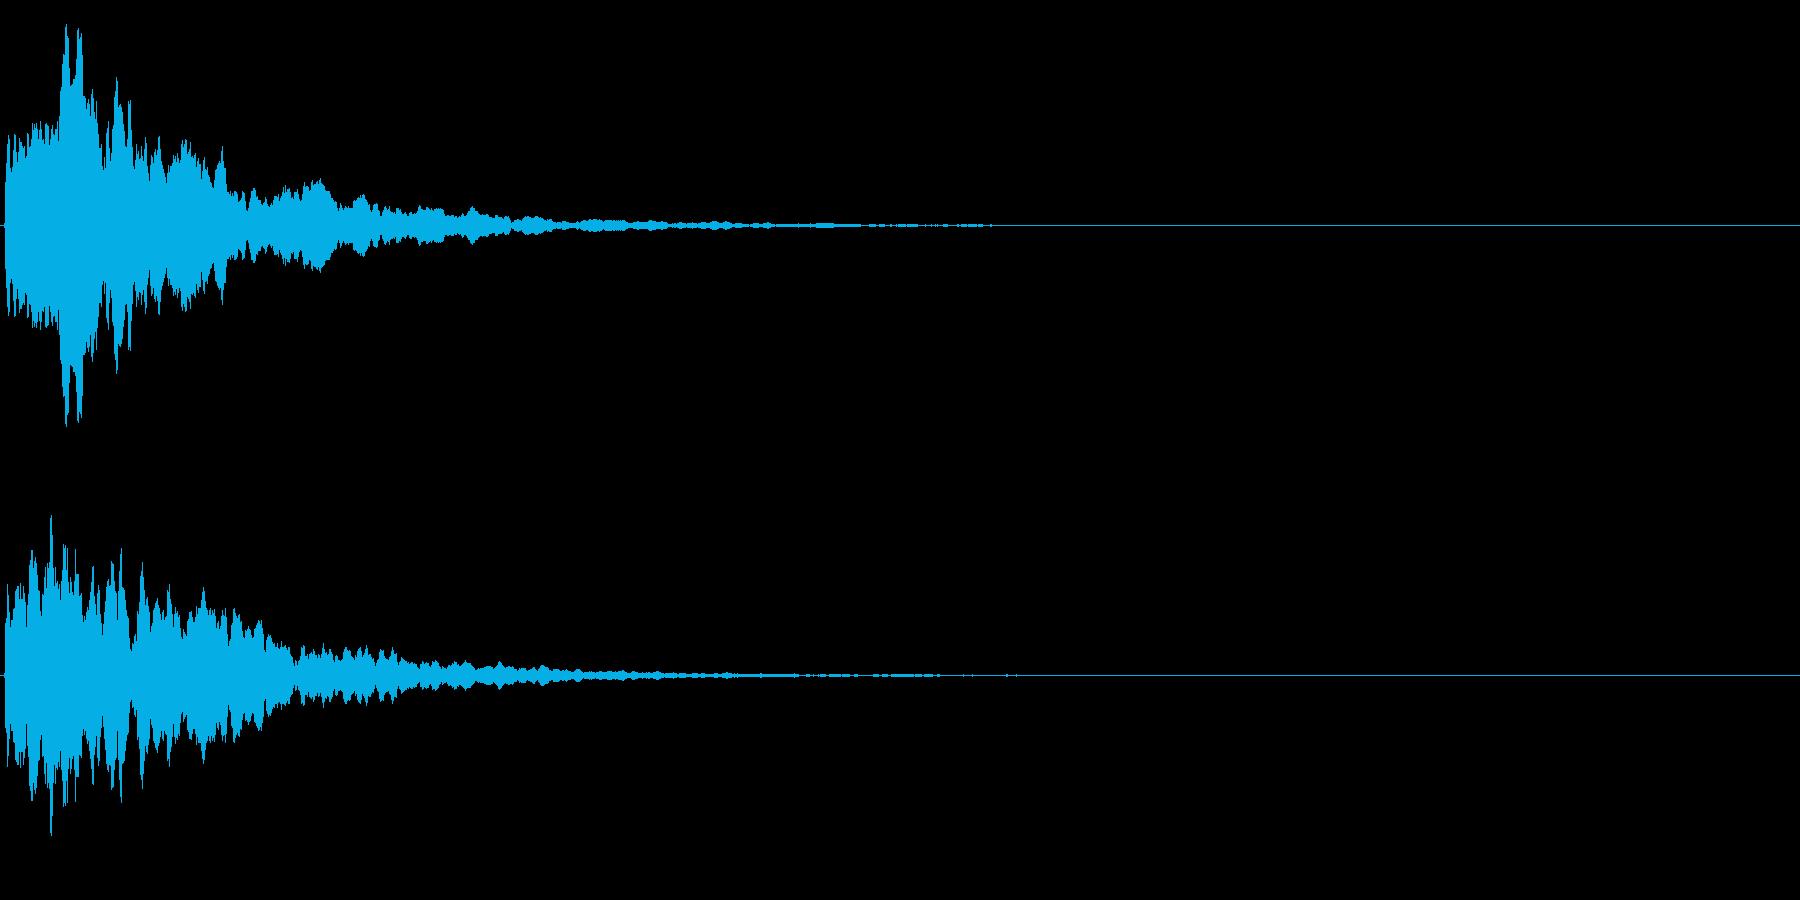 ゲームスタート、決定、ボタン音-014の再生済みの波形